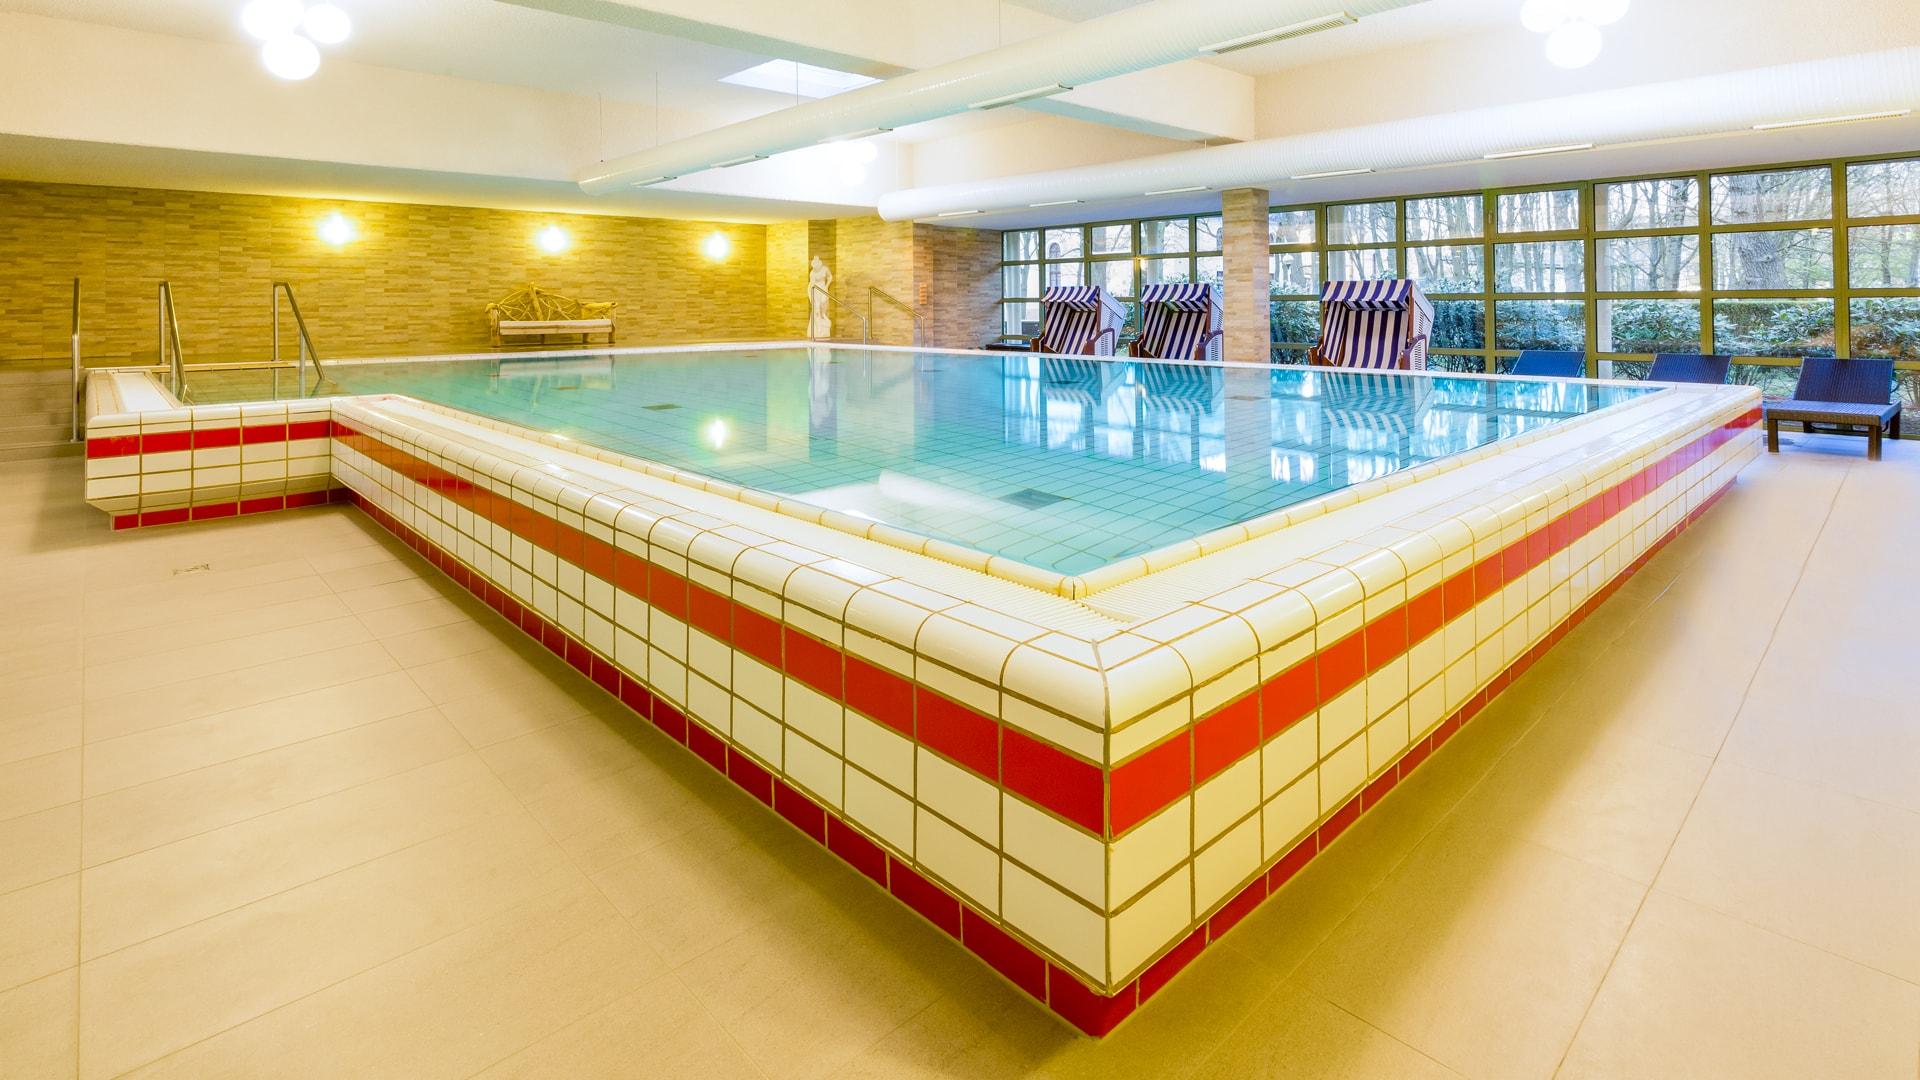 48 Michels_Hotels_Thalassohotel_Nordseehaus_Wellnessbereich_Pool